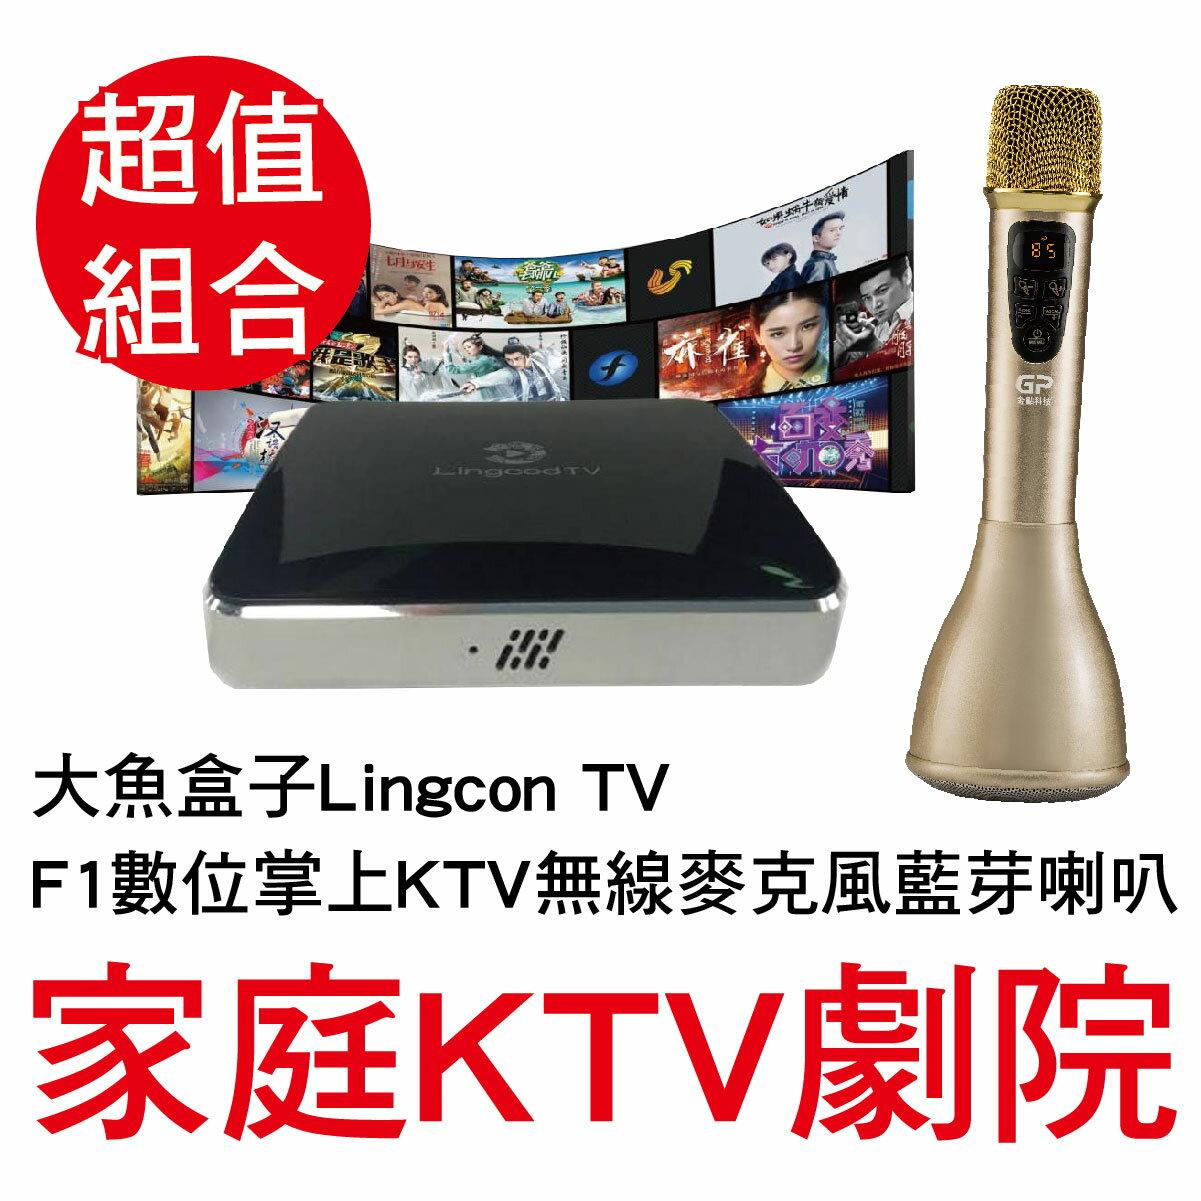 第二代K歌之王說唱神麥~金點F1數位藍芽麥克風(土豪金)+大魚盒子Lingcon TV正版中文電視機上盒